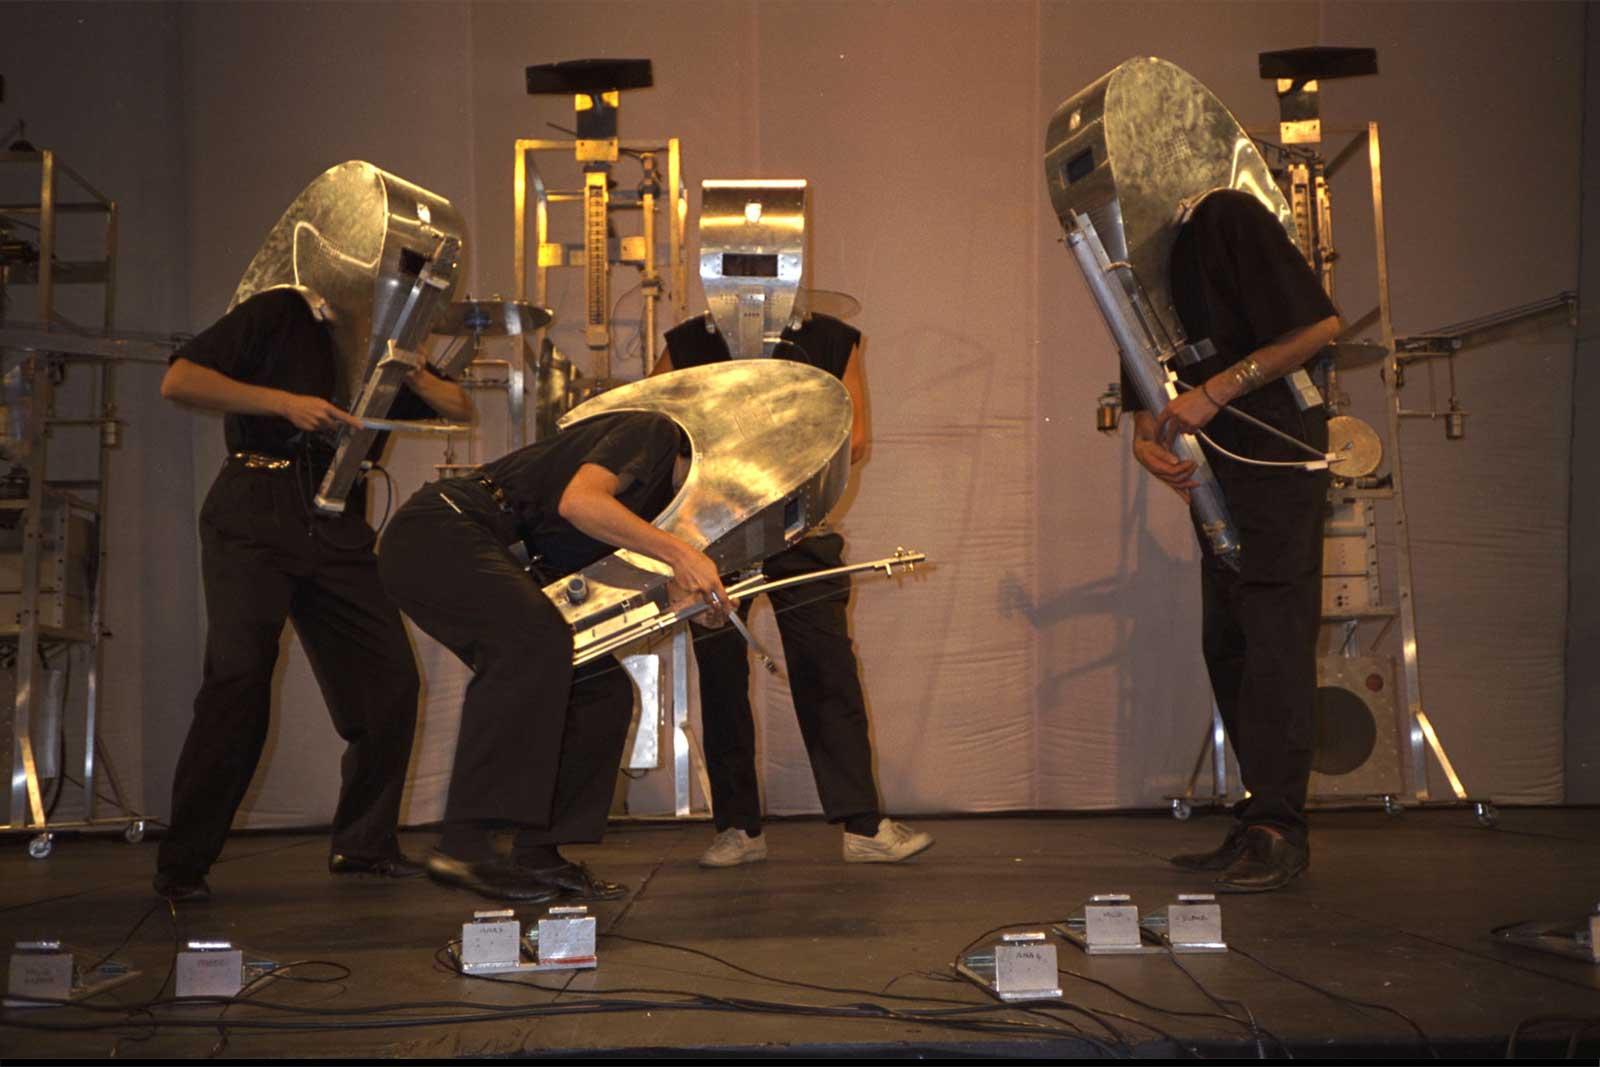 Photographie sur scène, Double Quatuor à Cordes : 4 musiciens portant des masques-intruments en métal jouent devant 4 machines robots à cordes